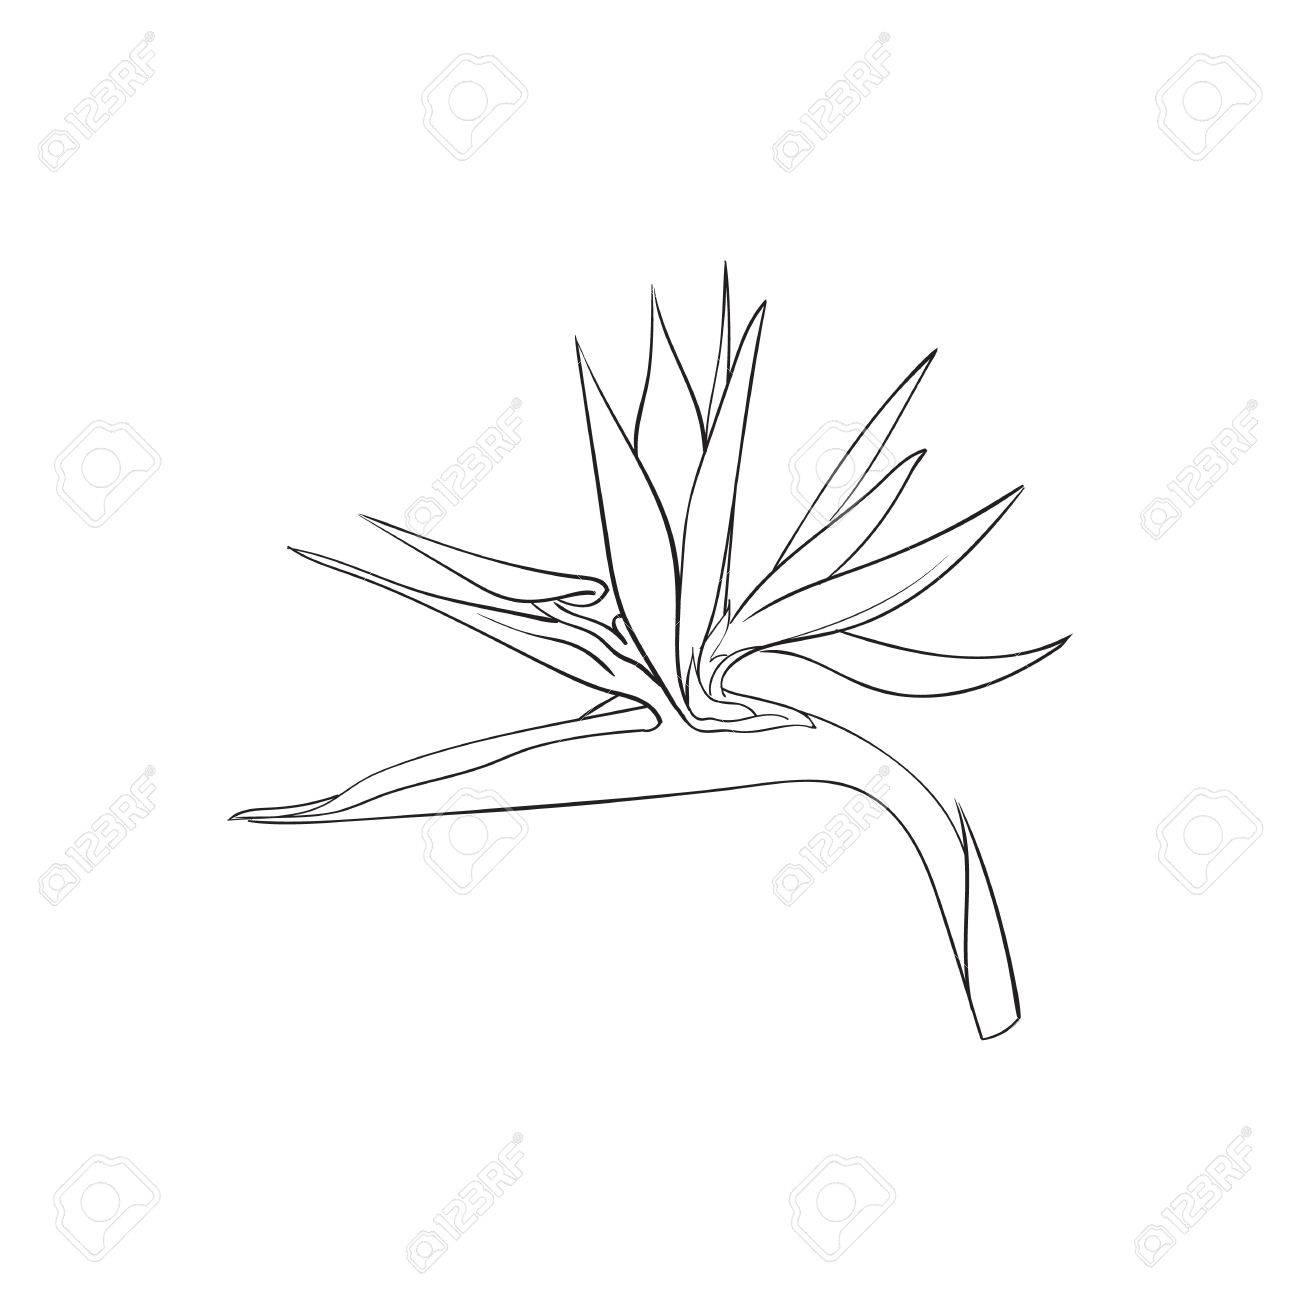 Oiseau unique de paradis, fleur tropicale strelizia, croquis style vecteur  illustration isolé sur fond blanc. dessin de la fleur de strelizia, en ...